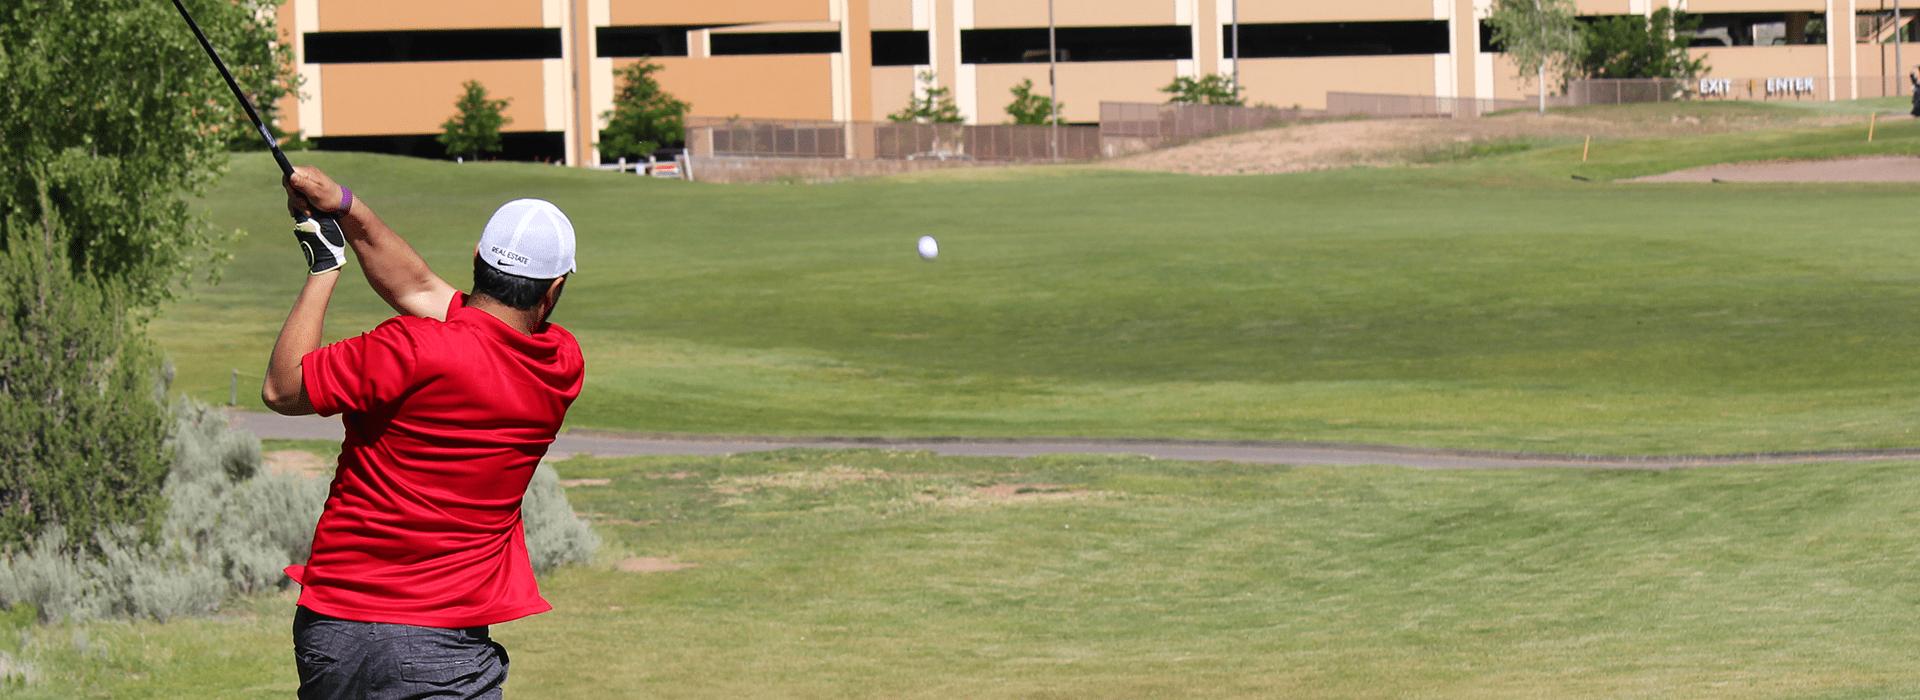 8th Annual GAAR Golf Tournament